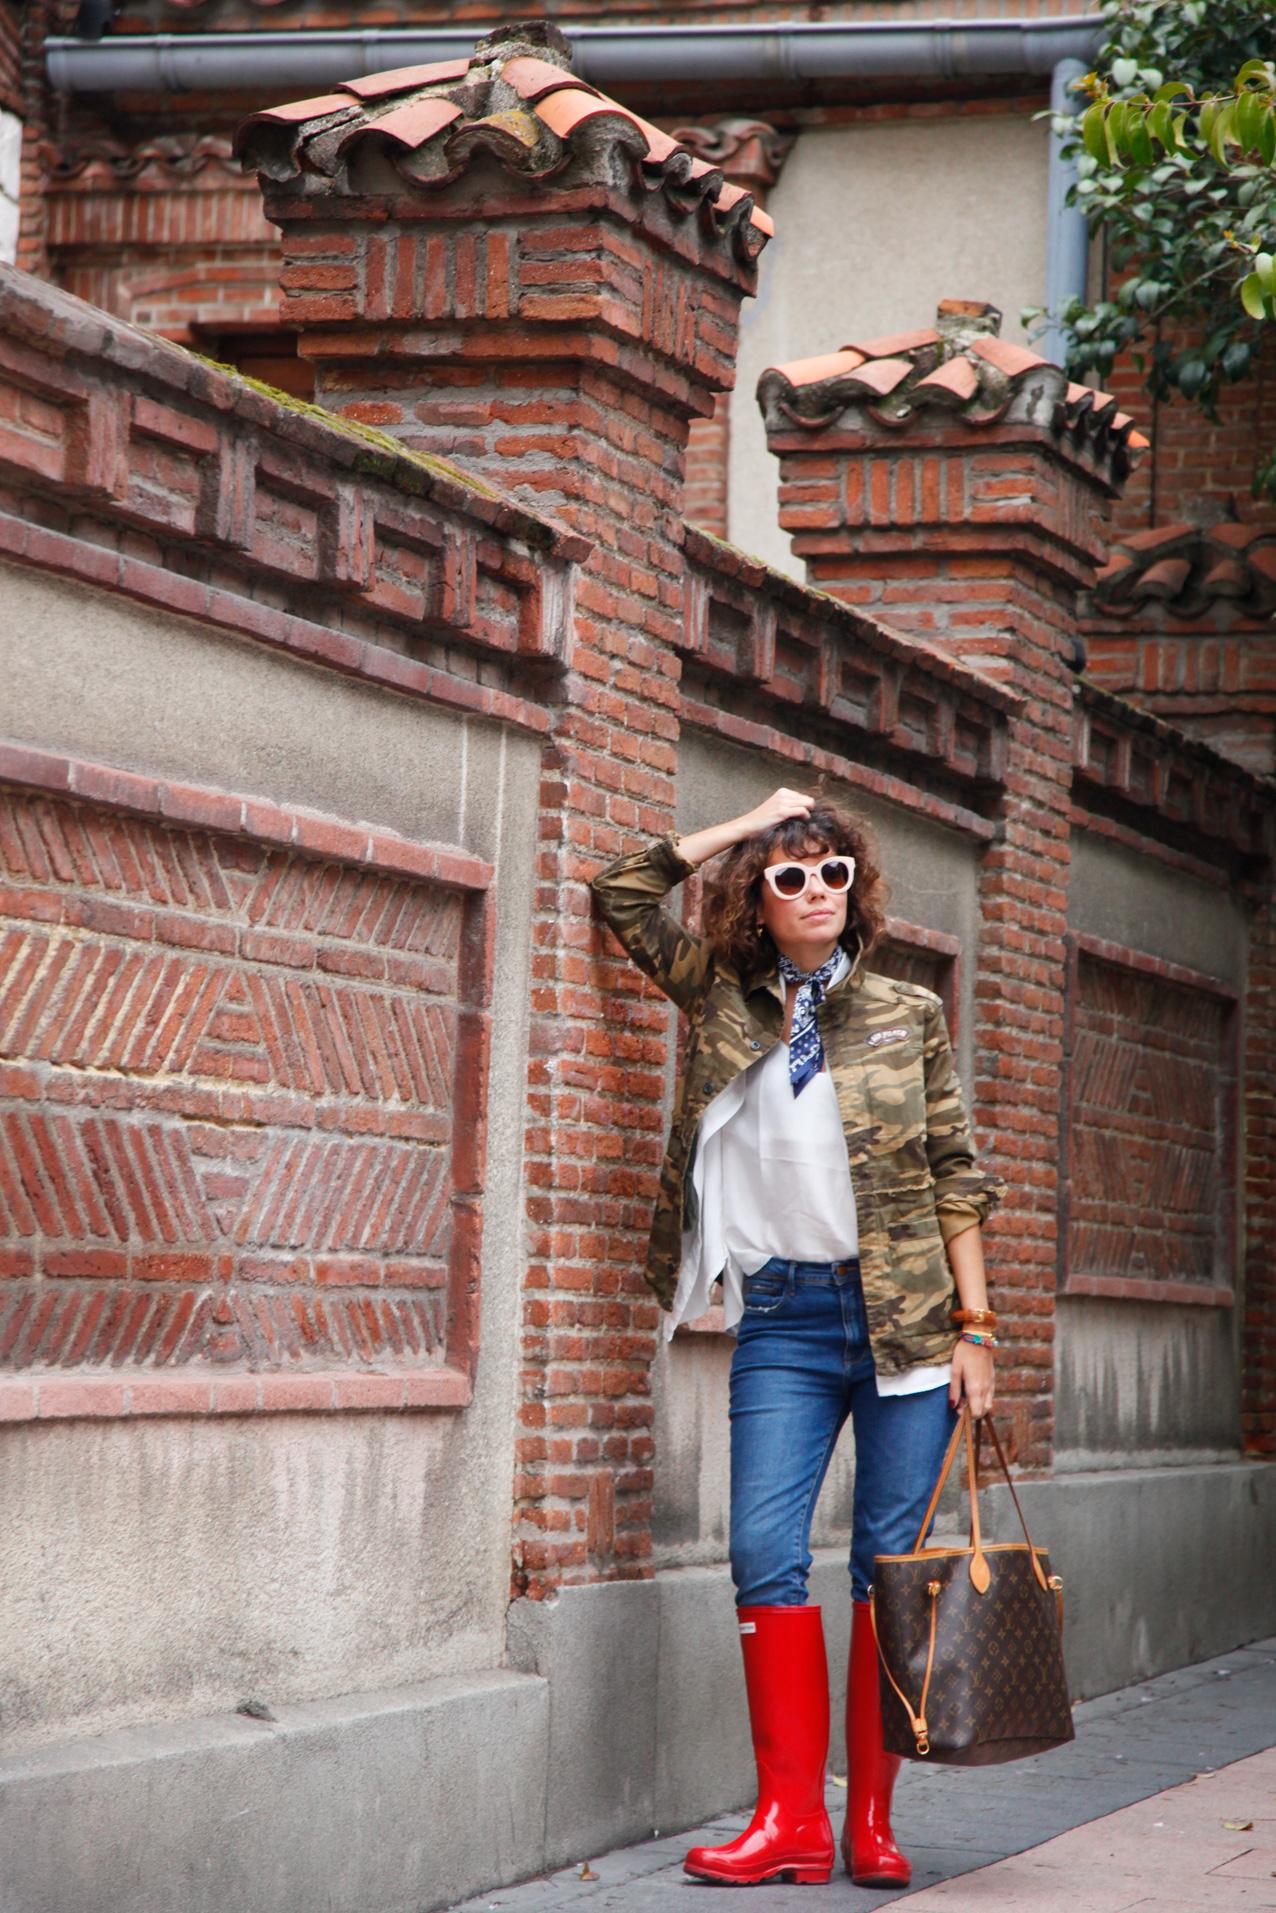 gumboots_april_looks-streetysle-rainy-look_cool_lemonade